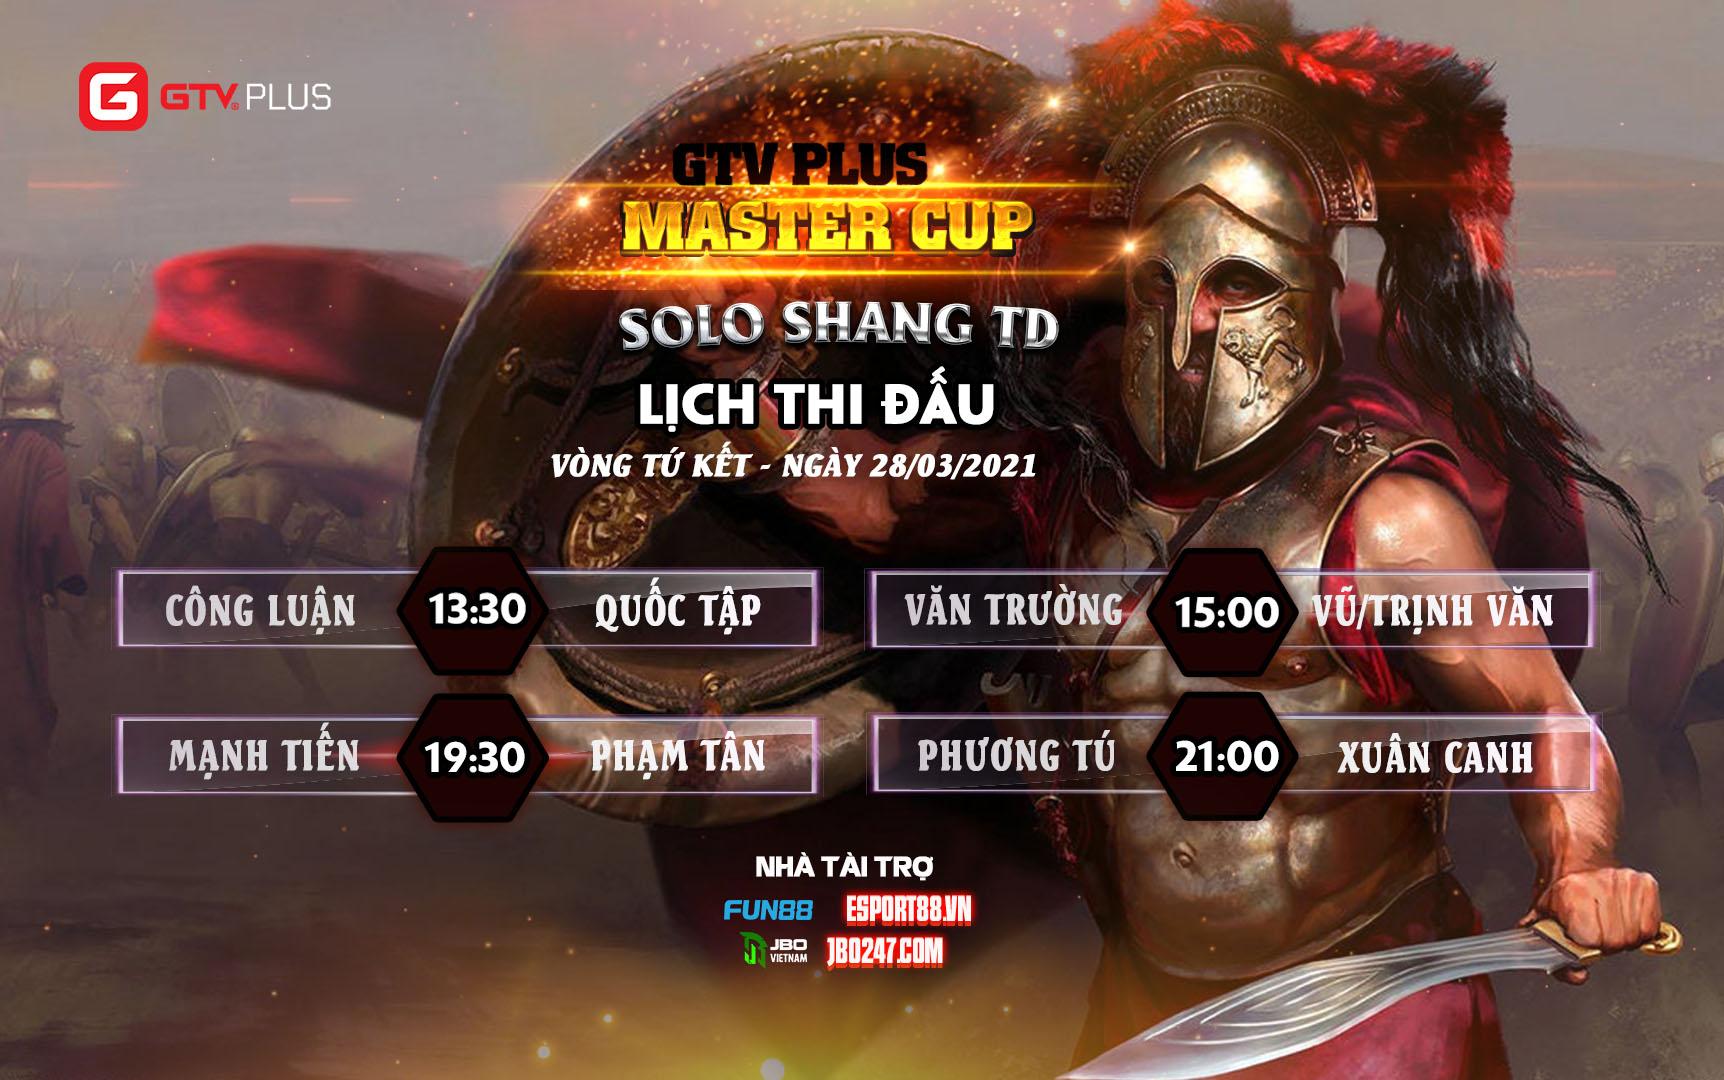 Lịch thi đấu ngày thi đấu ngày 28 tháng 3 Giải đấu GTV Plus Master Cup 2021